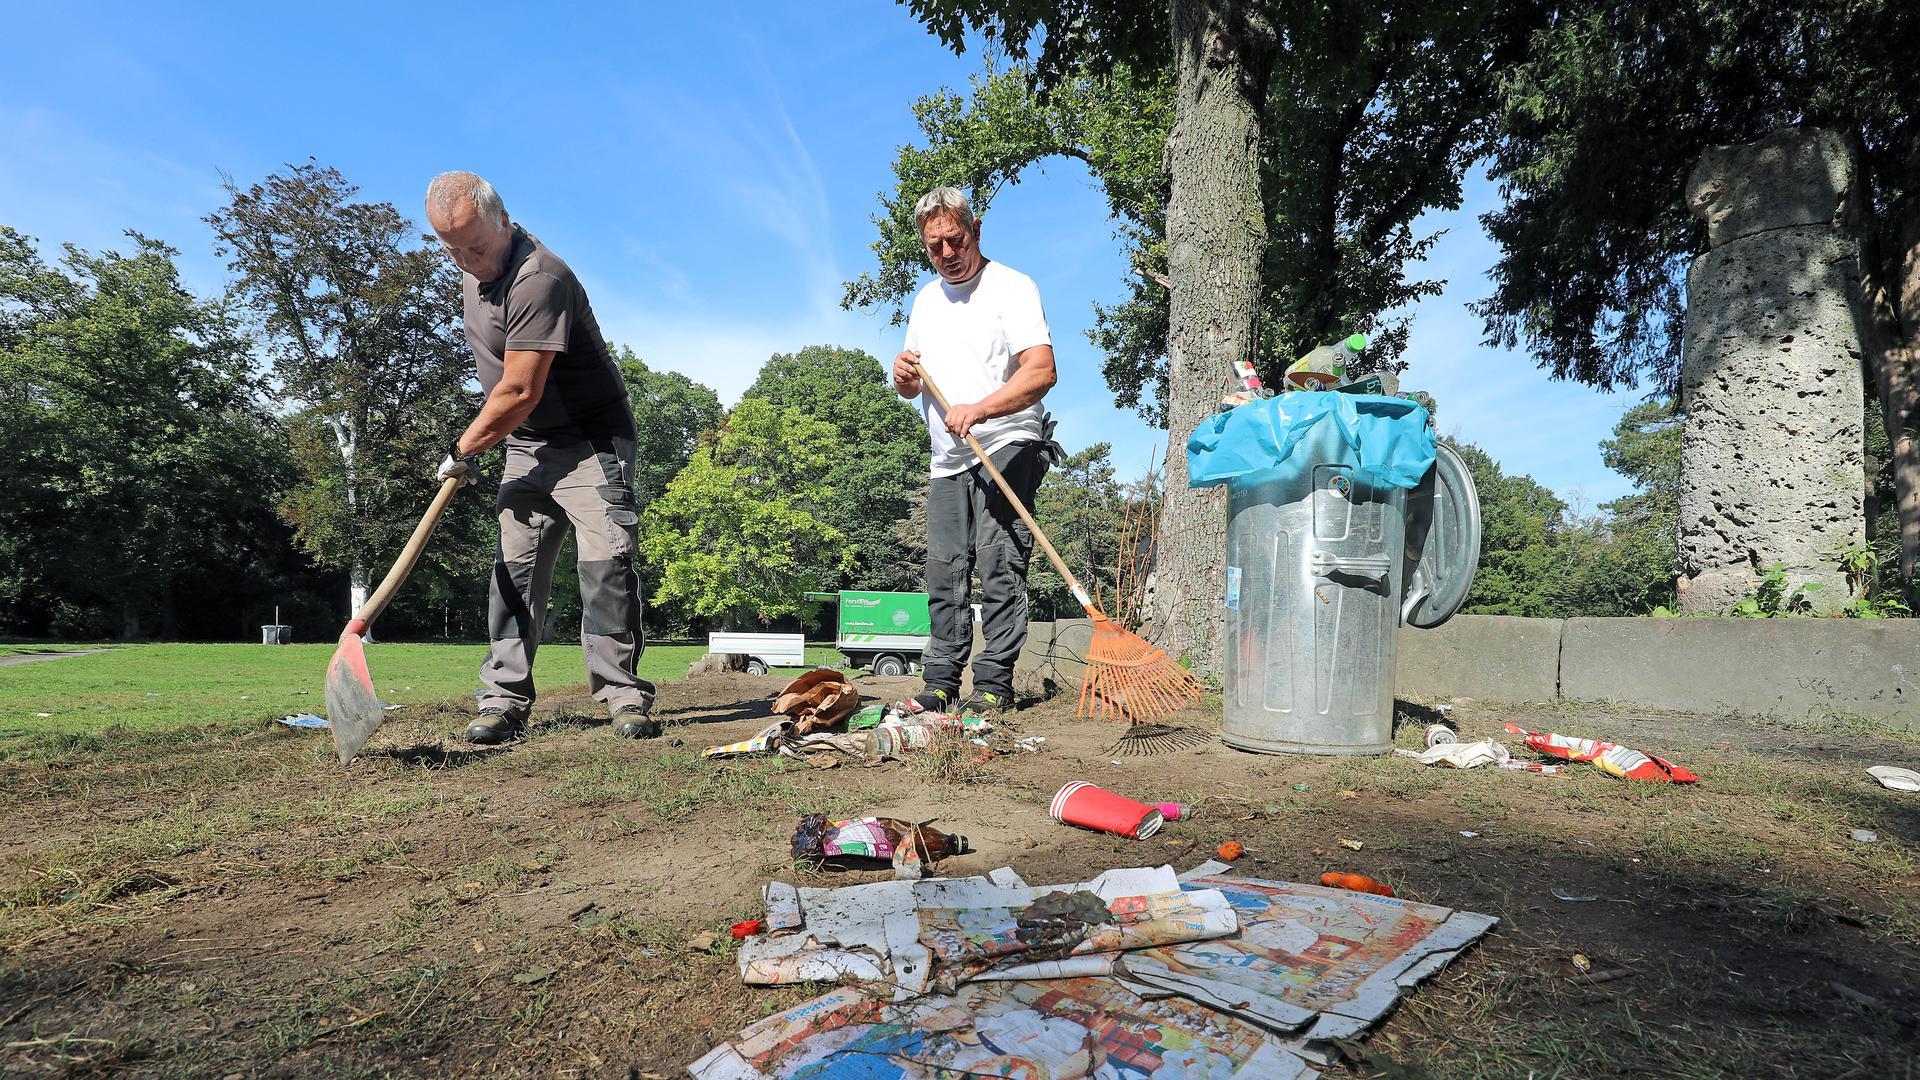 Wojciech Bebenek und Michael Gurnik sammeln mit Rechen und Schaufel Müll im Fasanengarten